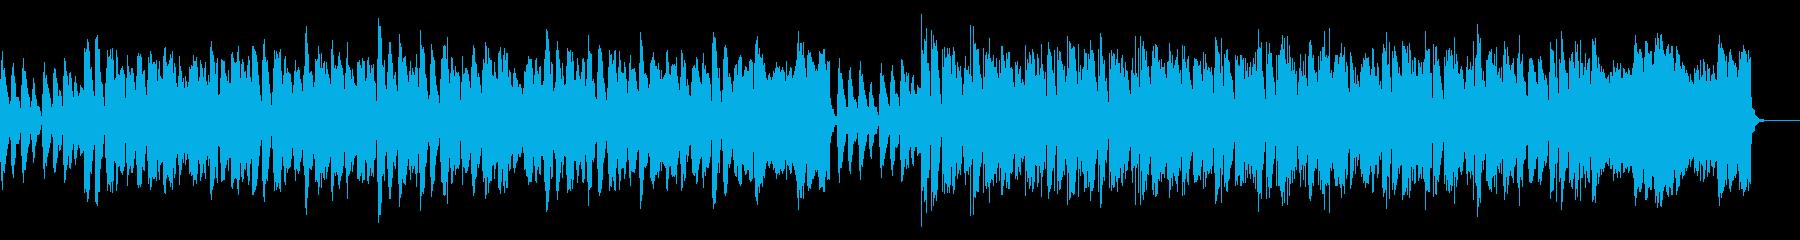 コミカルなBGMの再生済みの波形